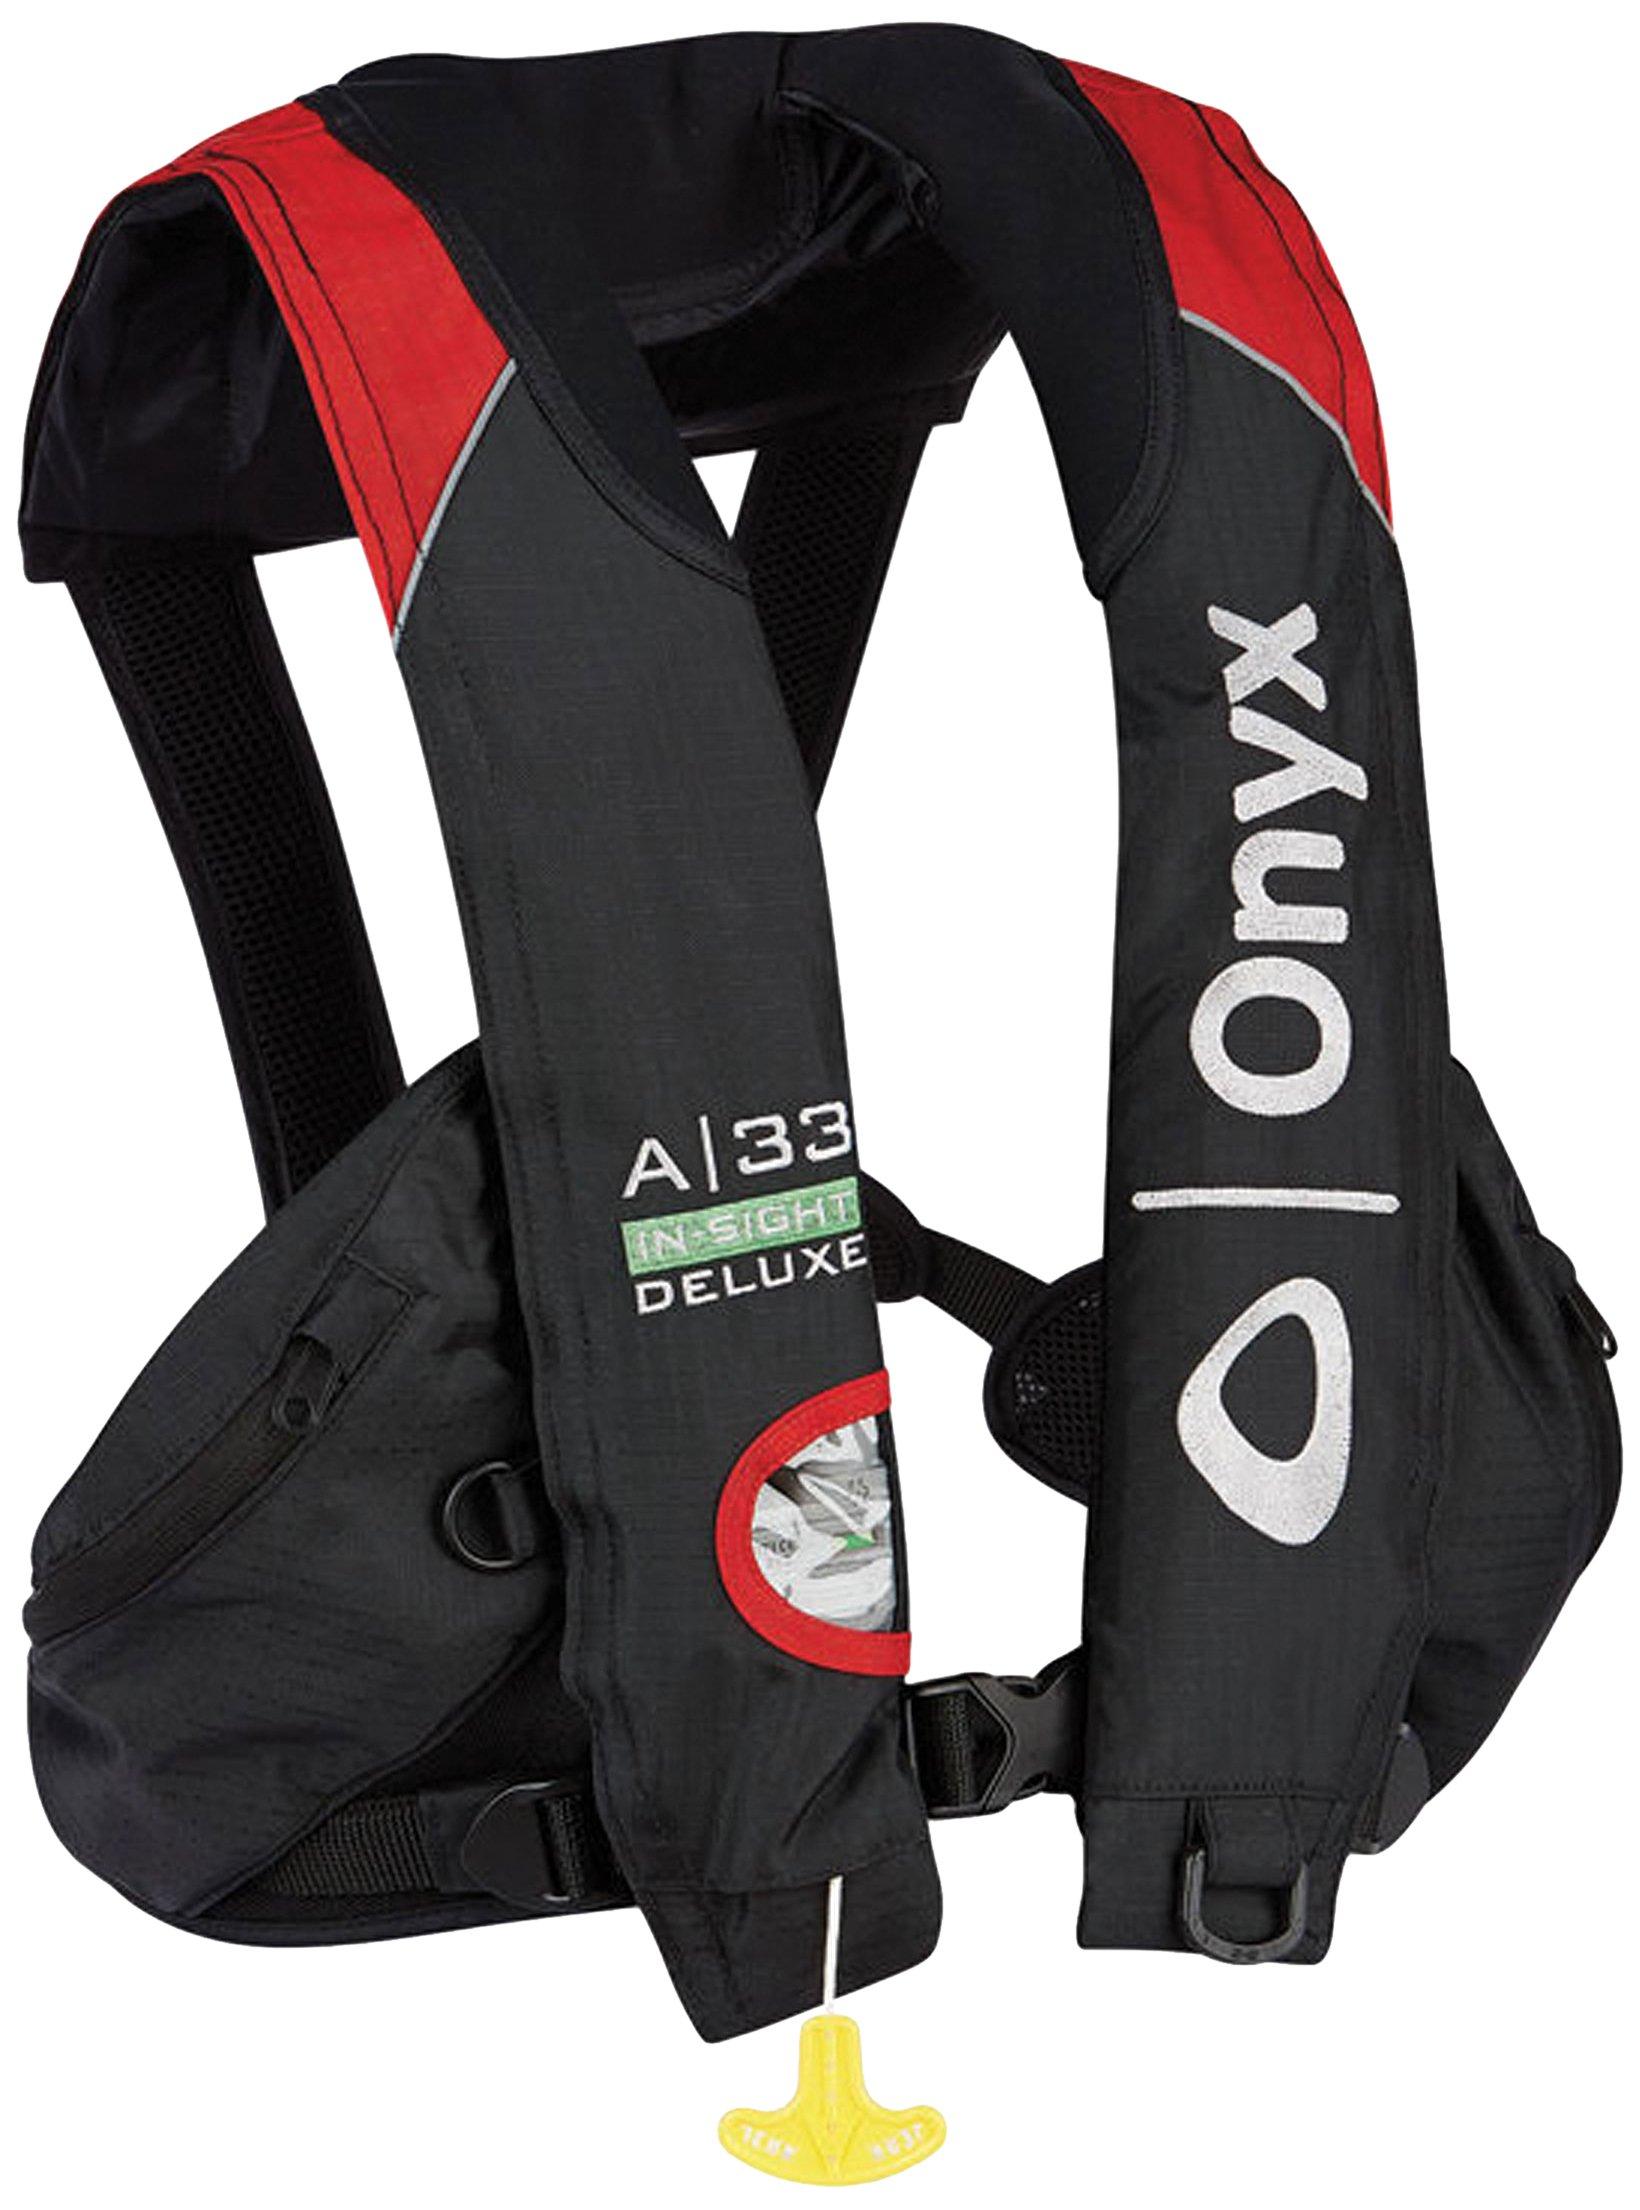 Onyx 133600-100-004-15 A-33 by Onyx